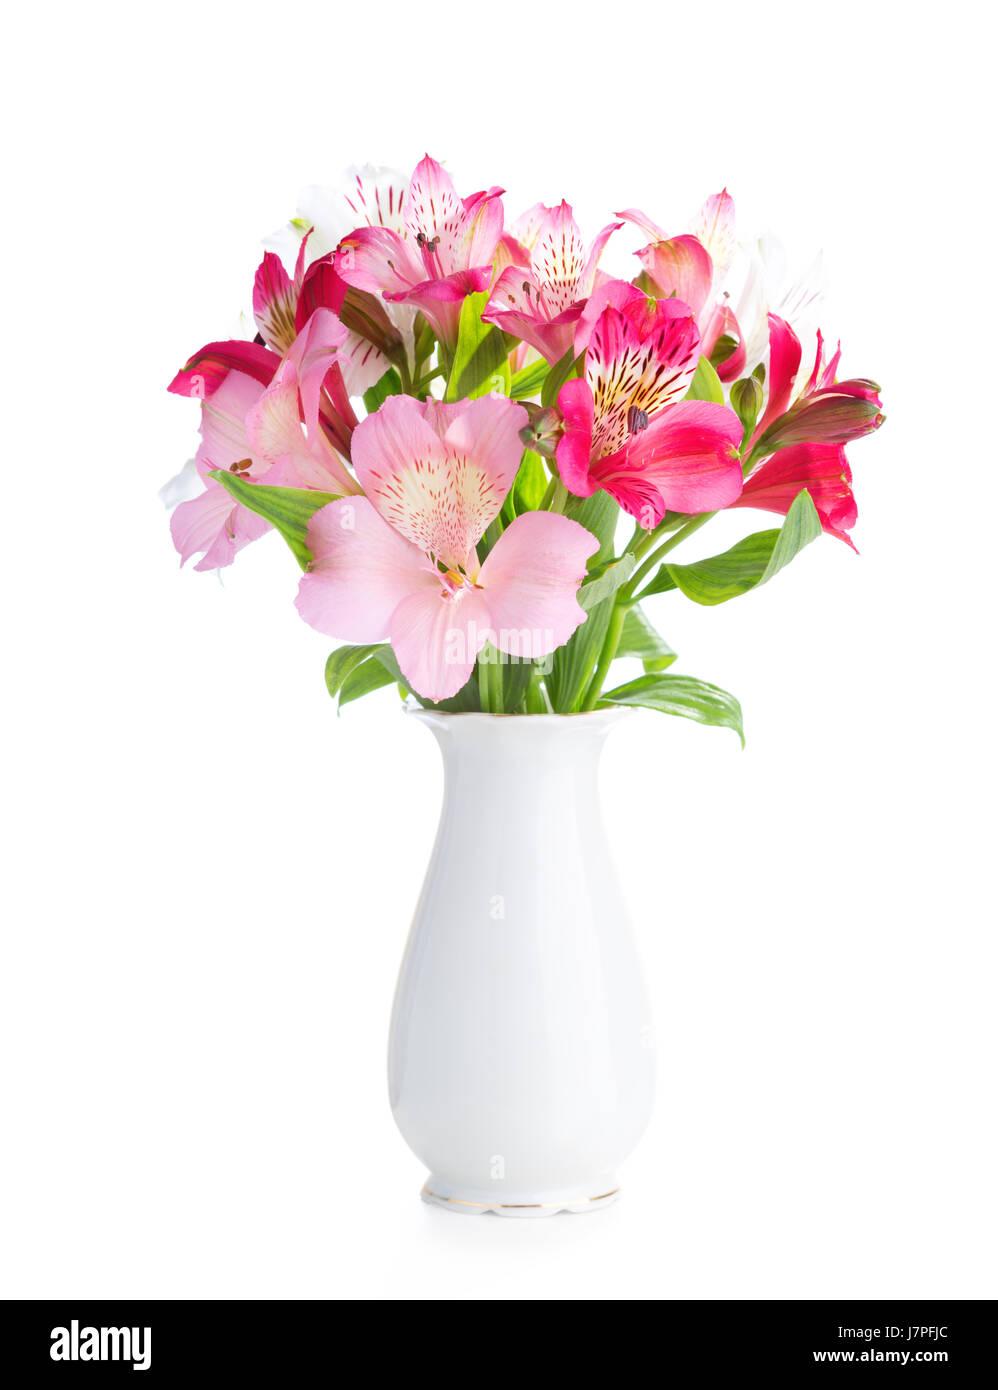 Bouquet of alstroemeria flowers in white porcelain vase isolated on bouquet of alstroemeria flowers in white porcelain vase isolated on white background mightylinksfo